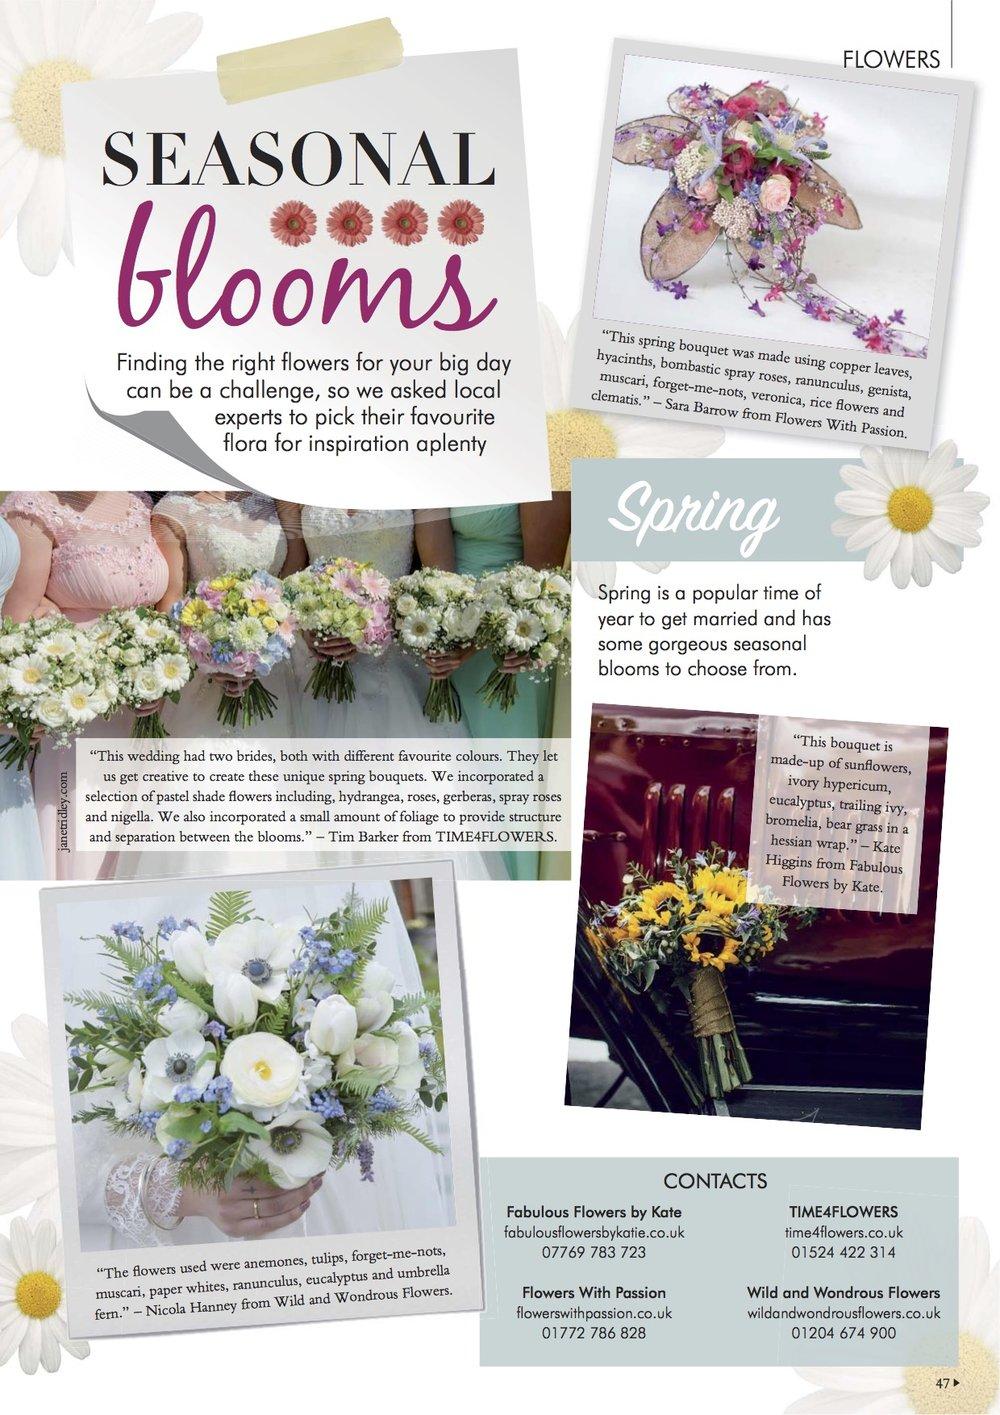 YNWW44 Flowers (1).jpg